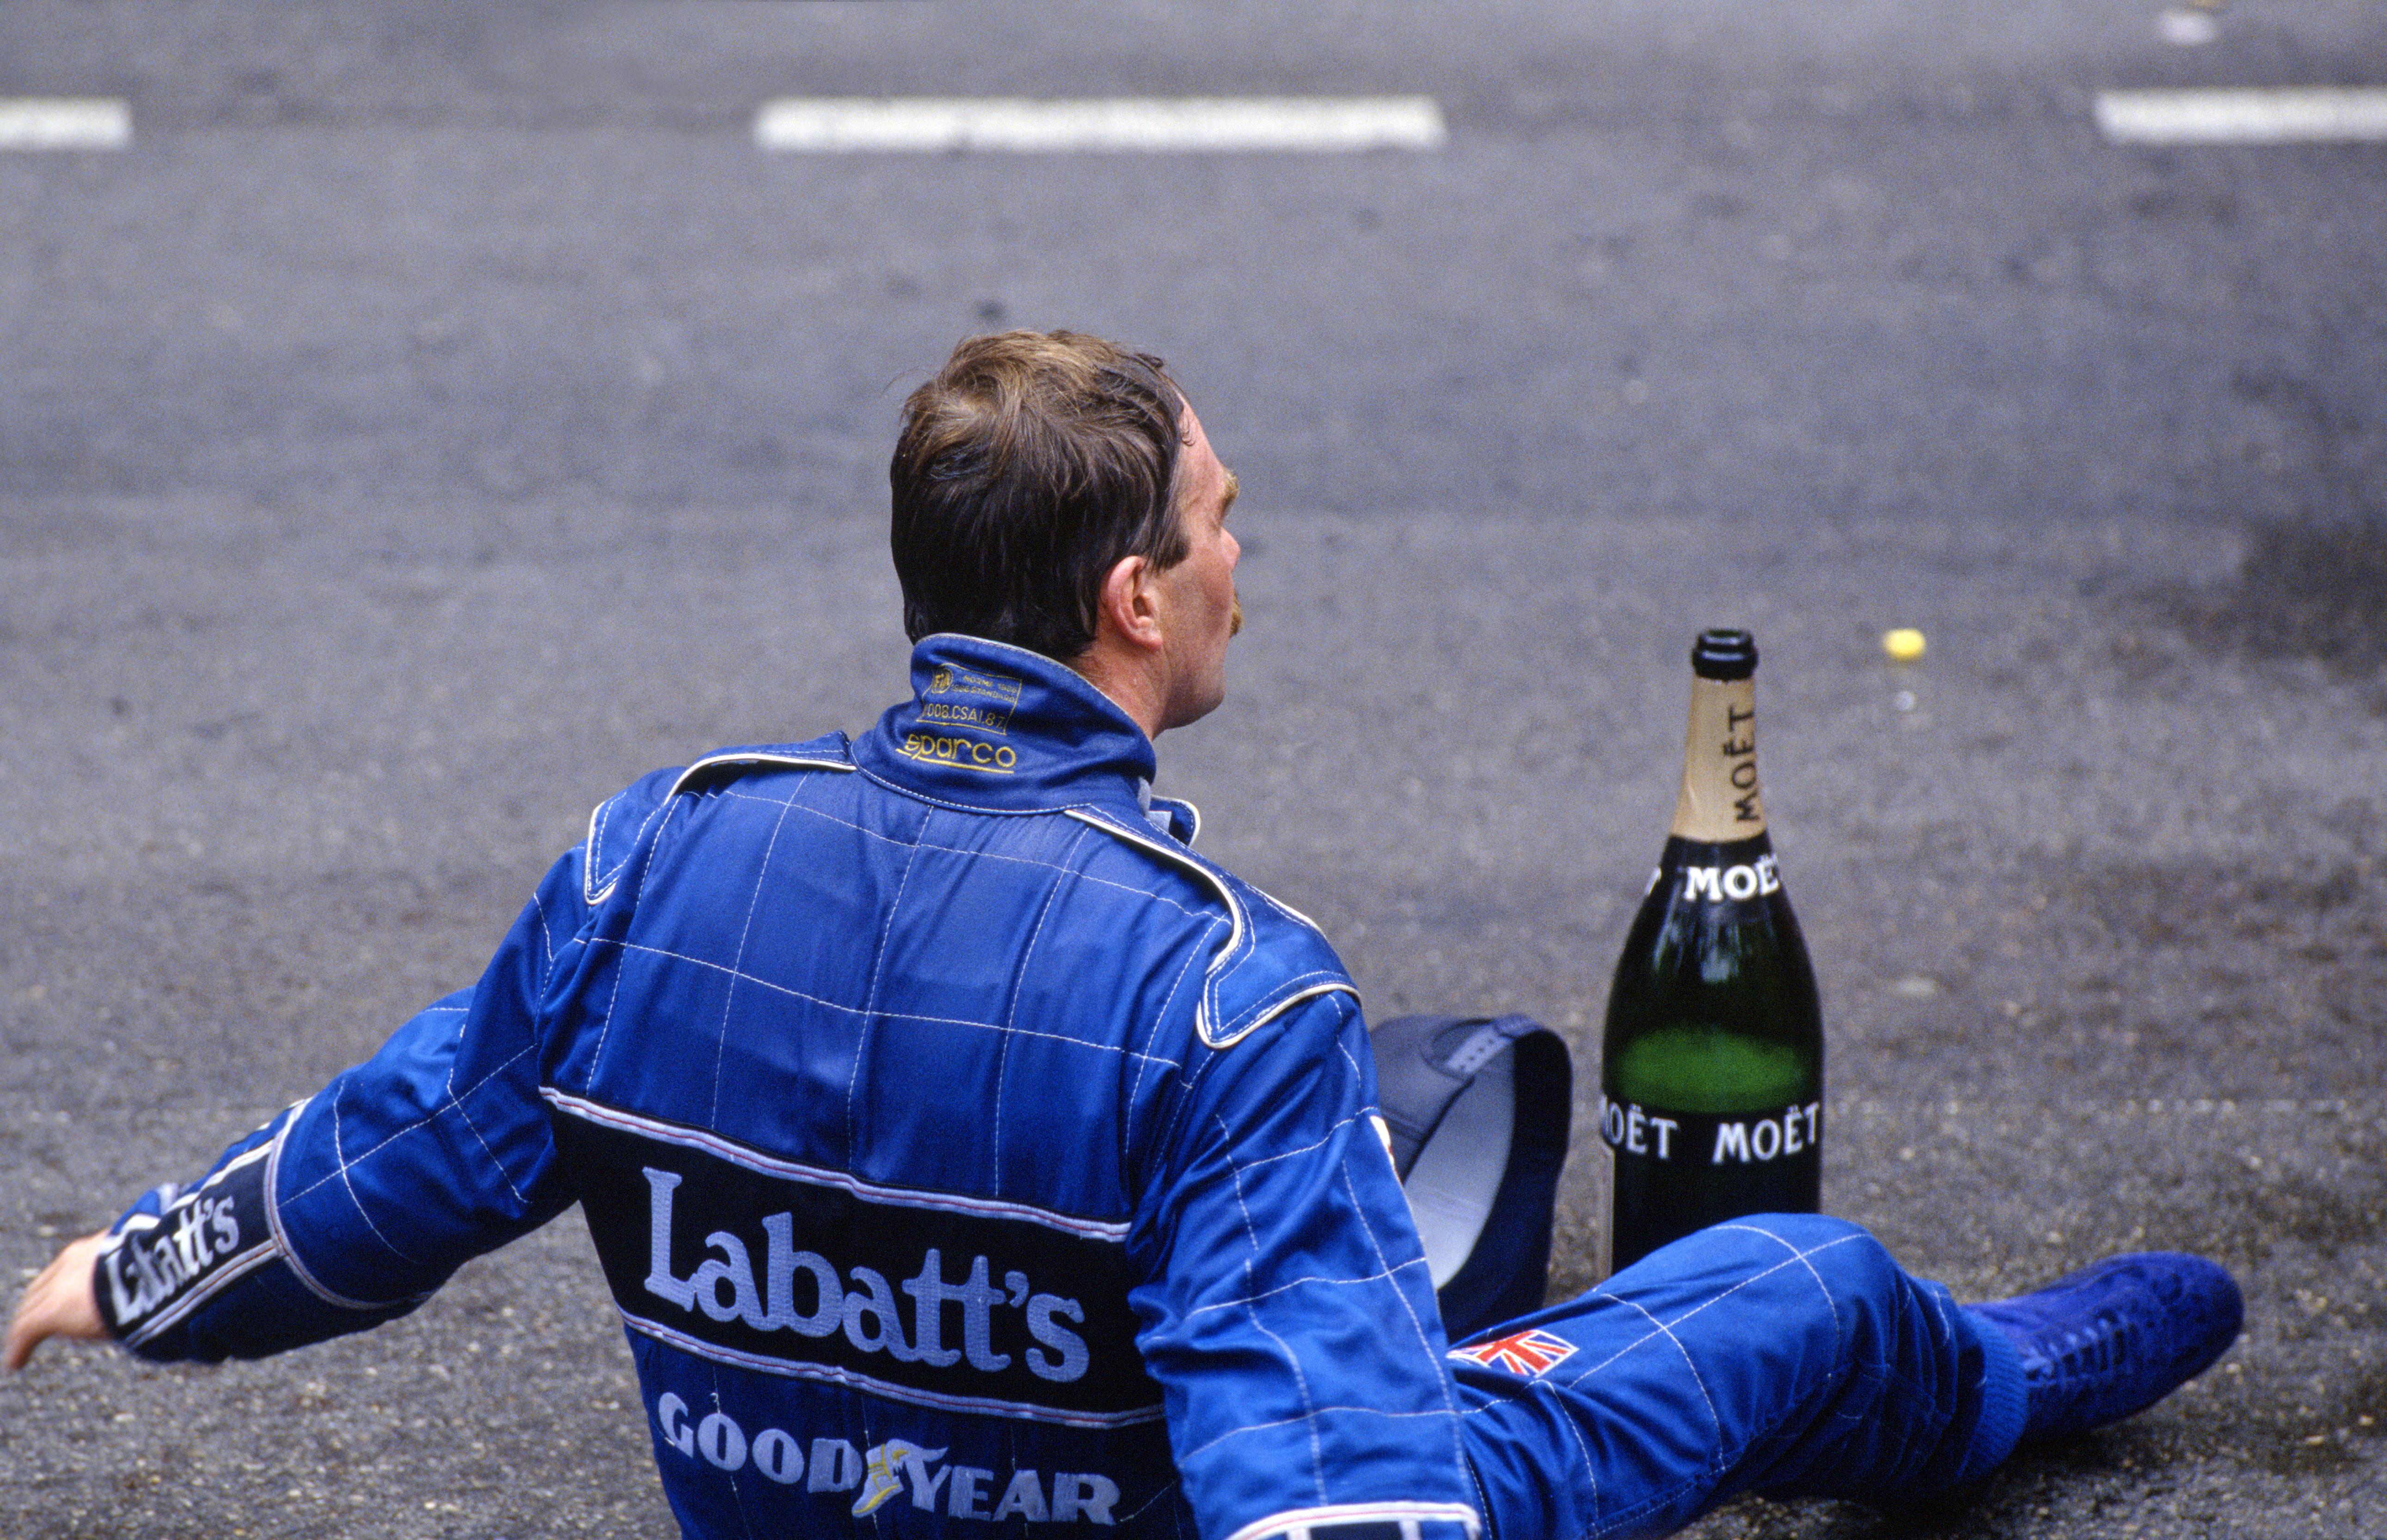 I 1992 dominerte Mansell og Williams fullstendig, men Nigel måtte gjerne illustrere hvor tøft løpet hadde vært gjennom ulike måter å hvile på etter målgang. Foto: Williams